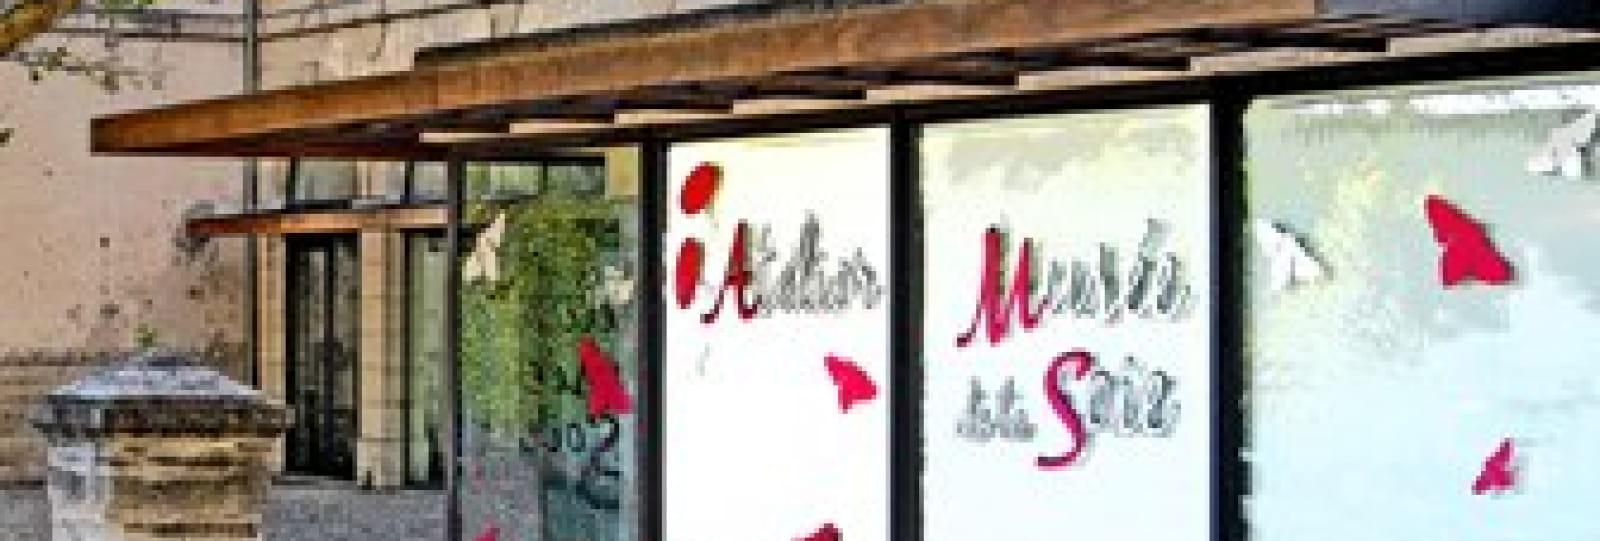 Vitrine - Atelier Musée de la Soie